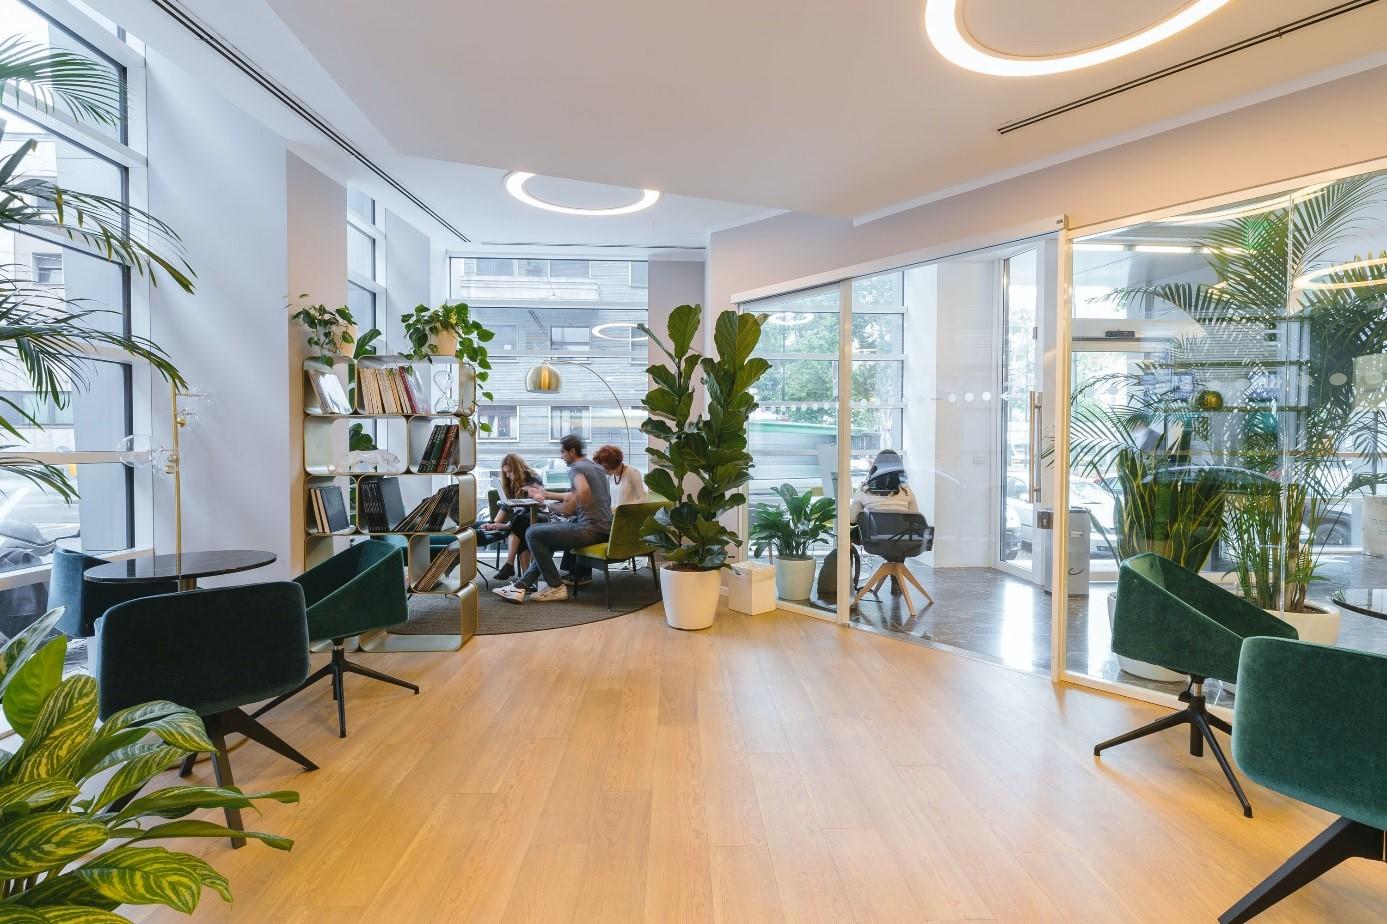 Jak wyliczyć metraż dla przestrzeni biurowej? - Zdjęcie główne